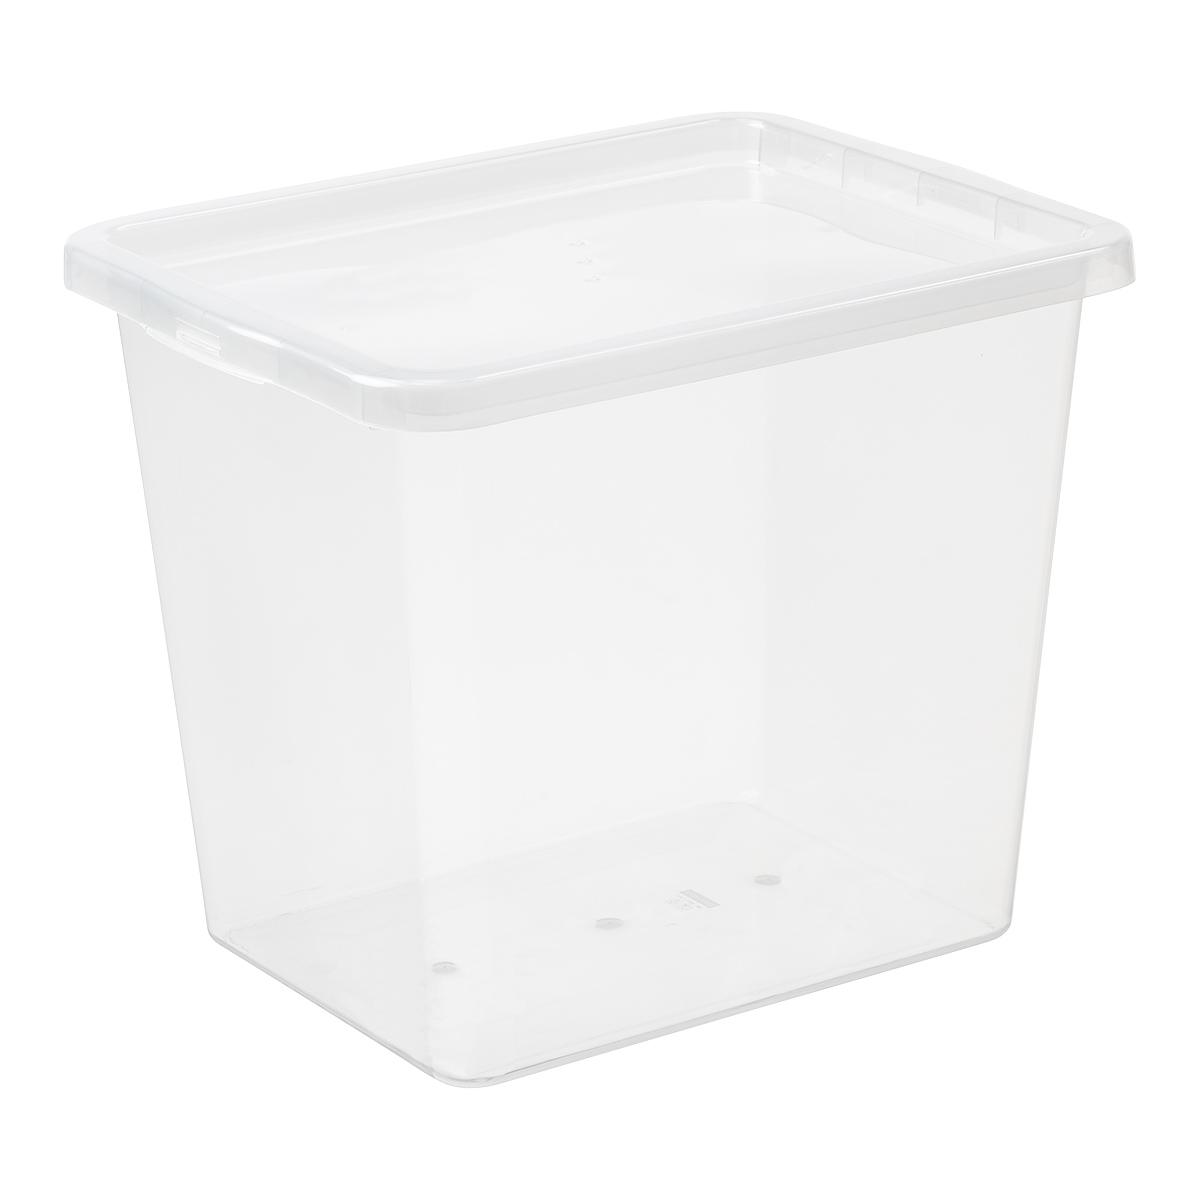 Контейнер-сундук, пластиковый ящик с крышкой 30л